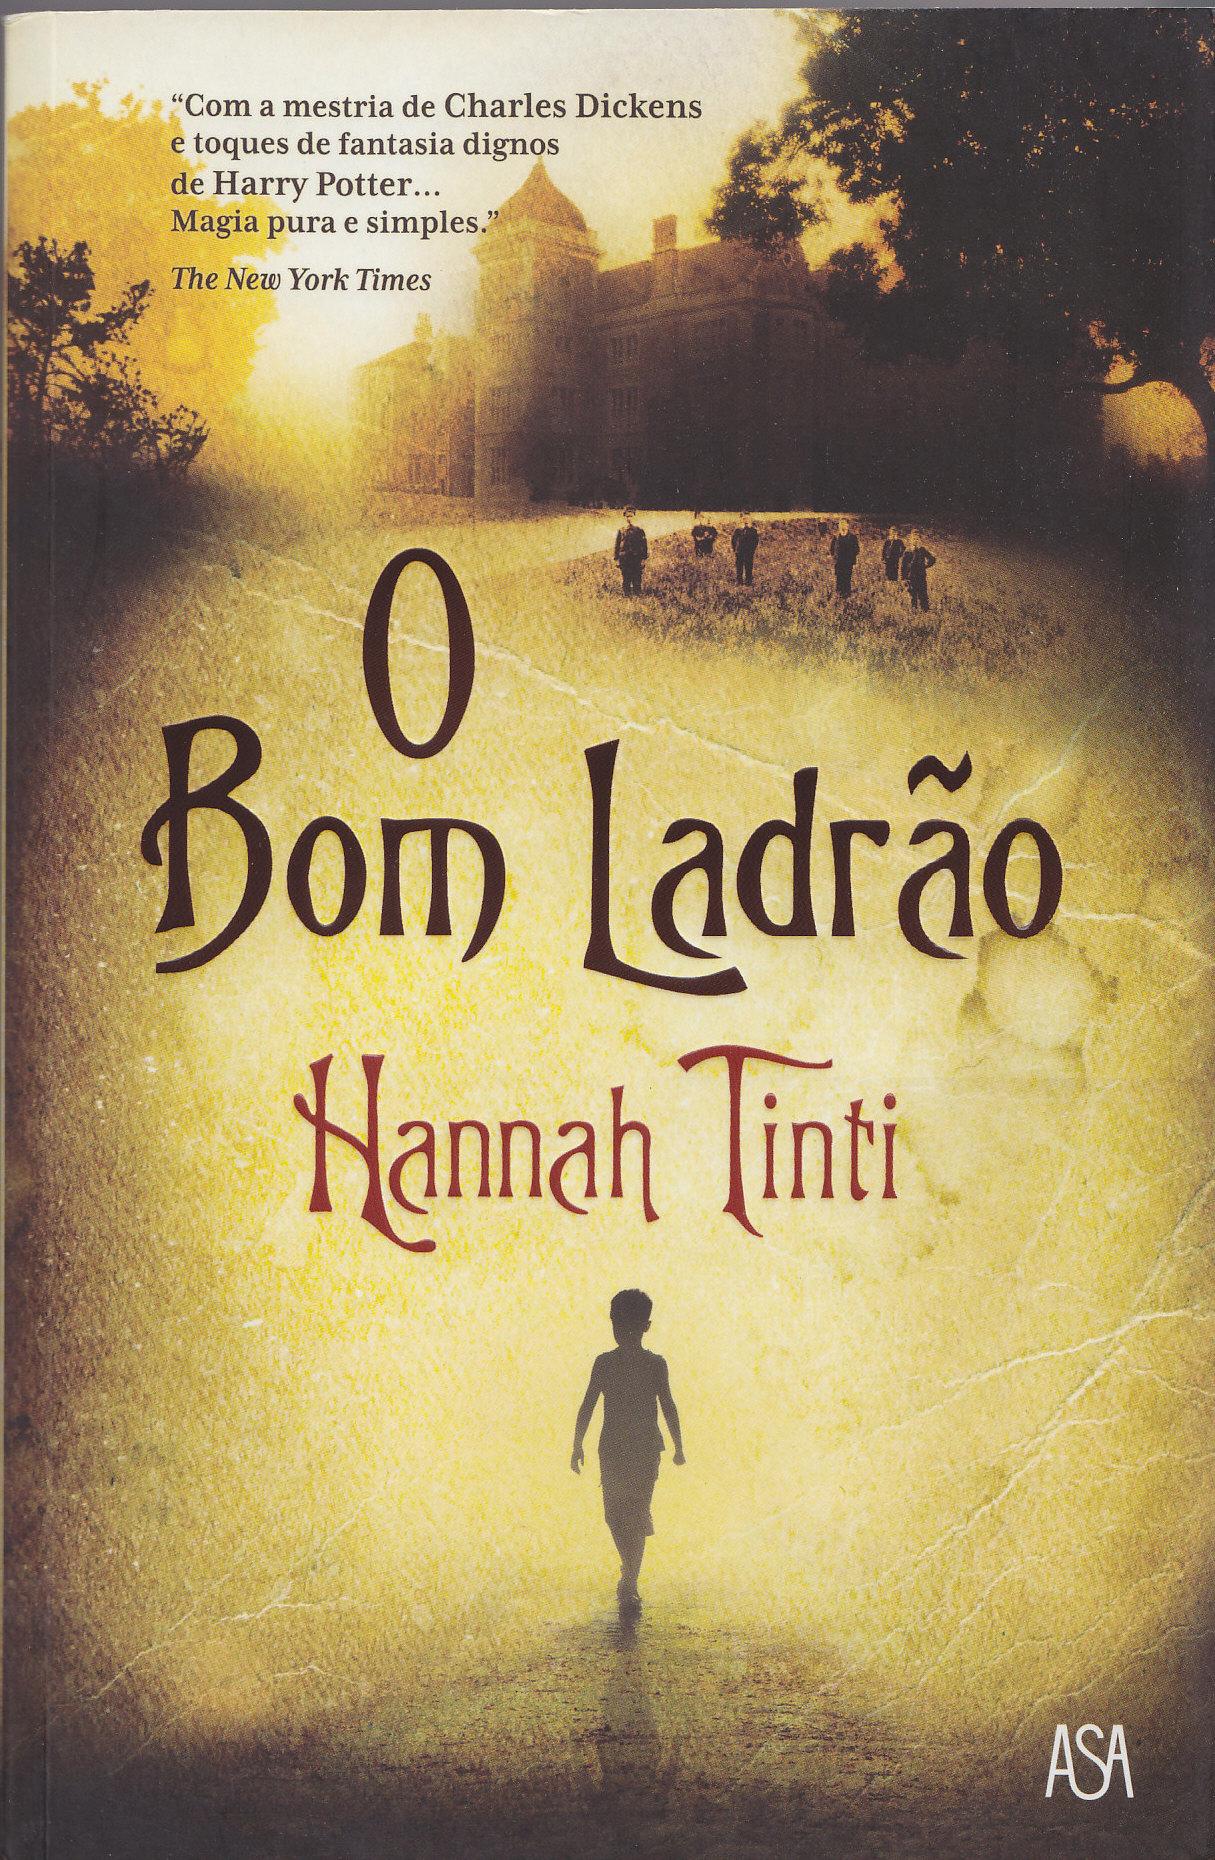 Brazil: Editora Rocco